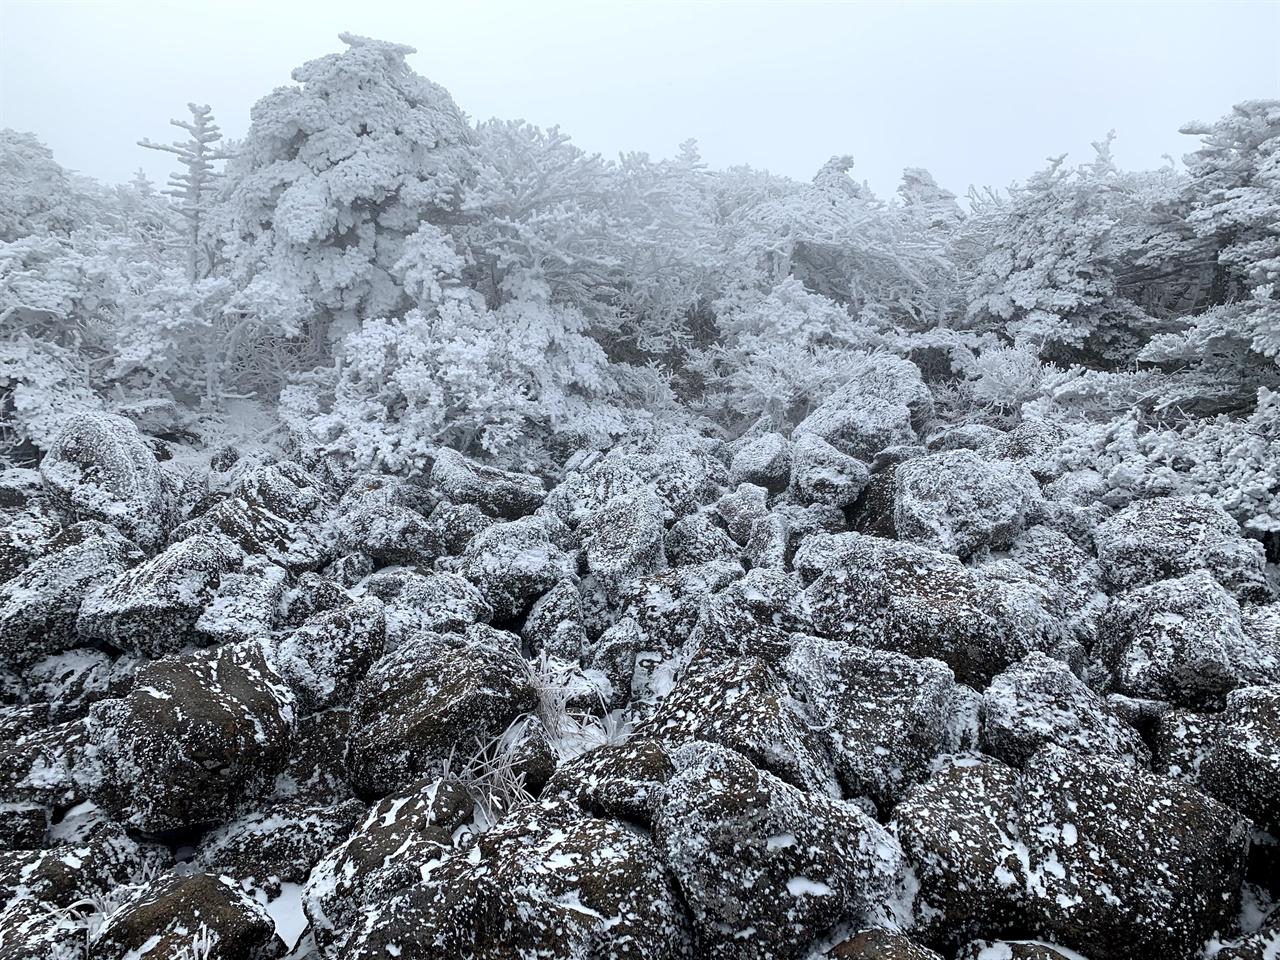 <겨울 왕국>의 트롤들이 잠자고 있는 걸까요? 올라가는 길, 안개로 자욱한 길 곳곳에서 <겨울 왕국>을 만났어요. 조금 춥기는 했지만, 오랜만에 만난 하얀 눈으로 가득한 풍경만으로도 행복했답니다.